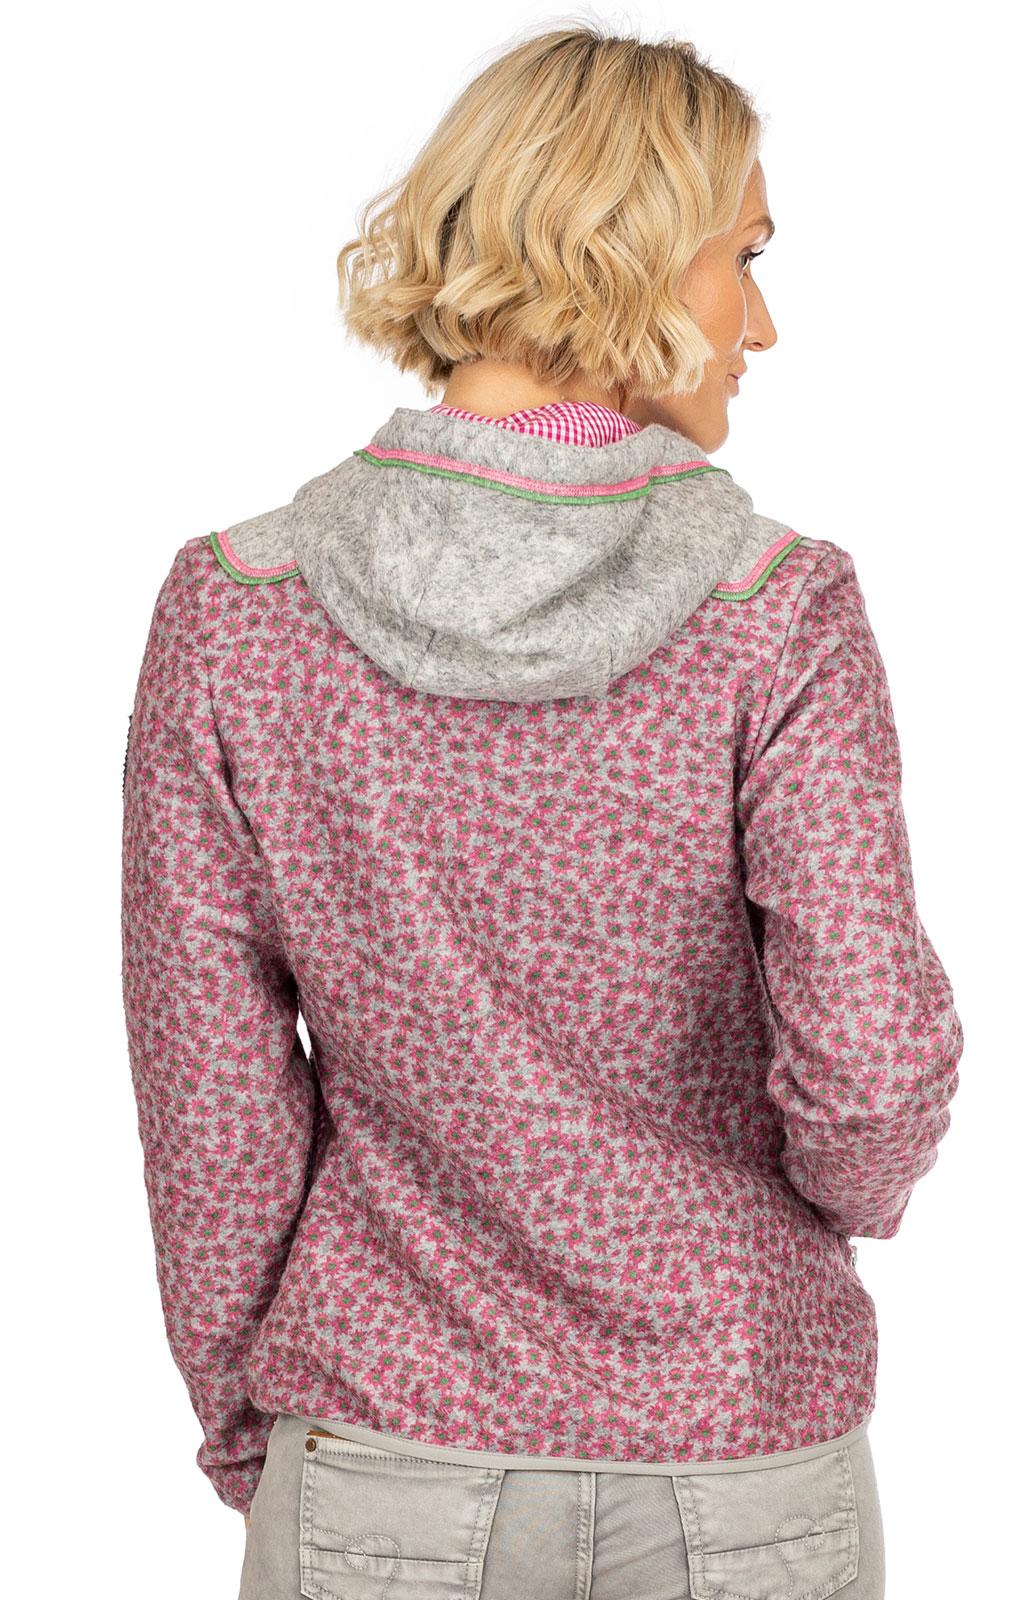 weitere Bilder von Walkjacke SCHWARZWAND pink grau